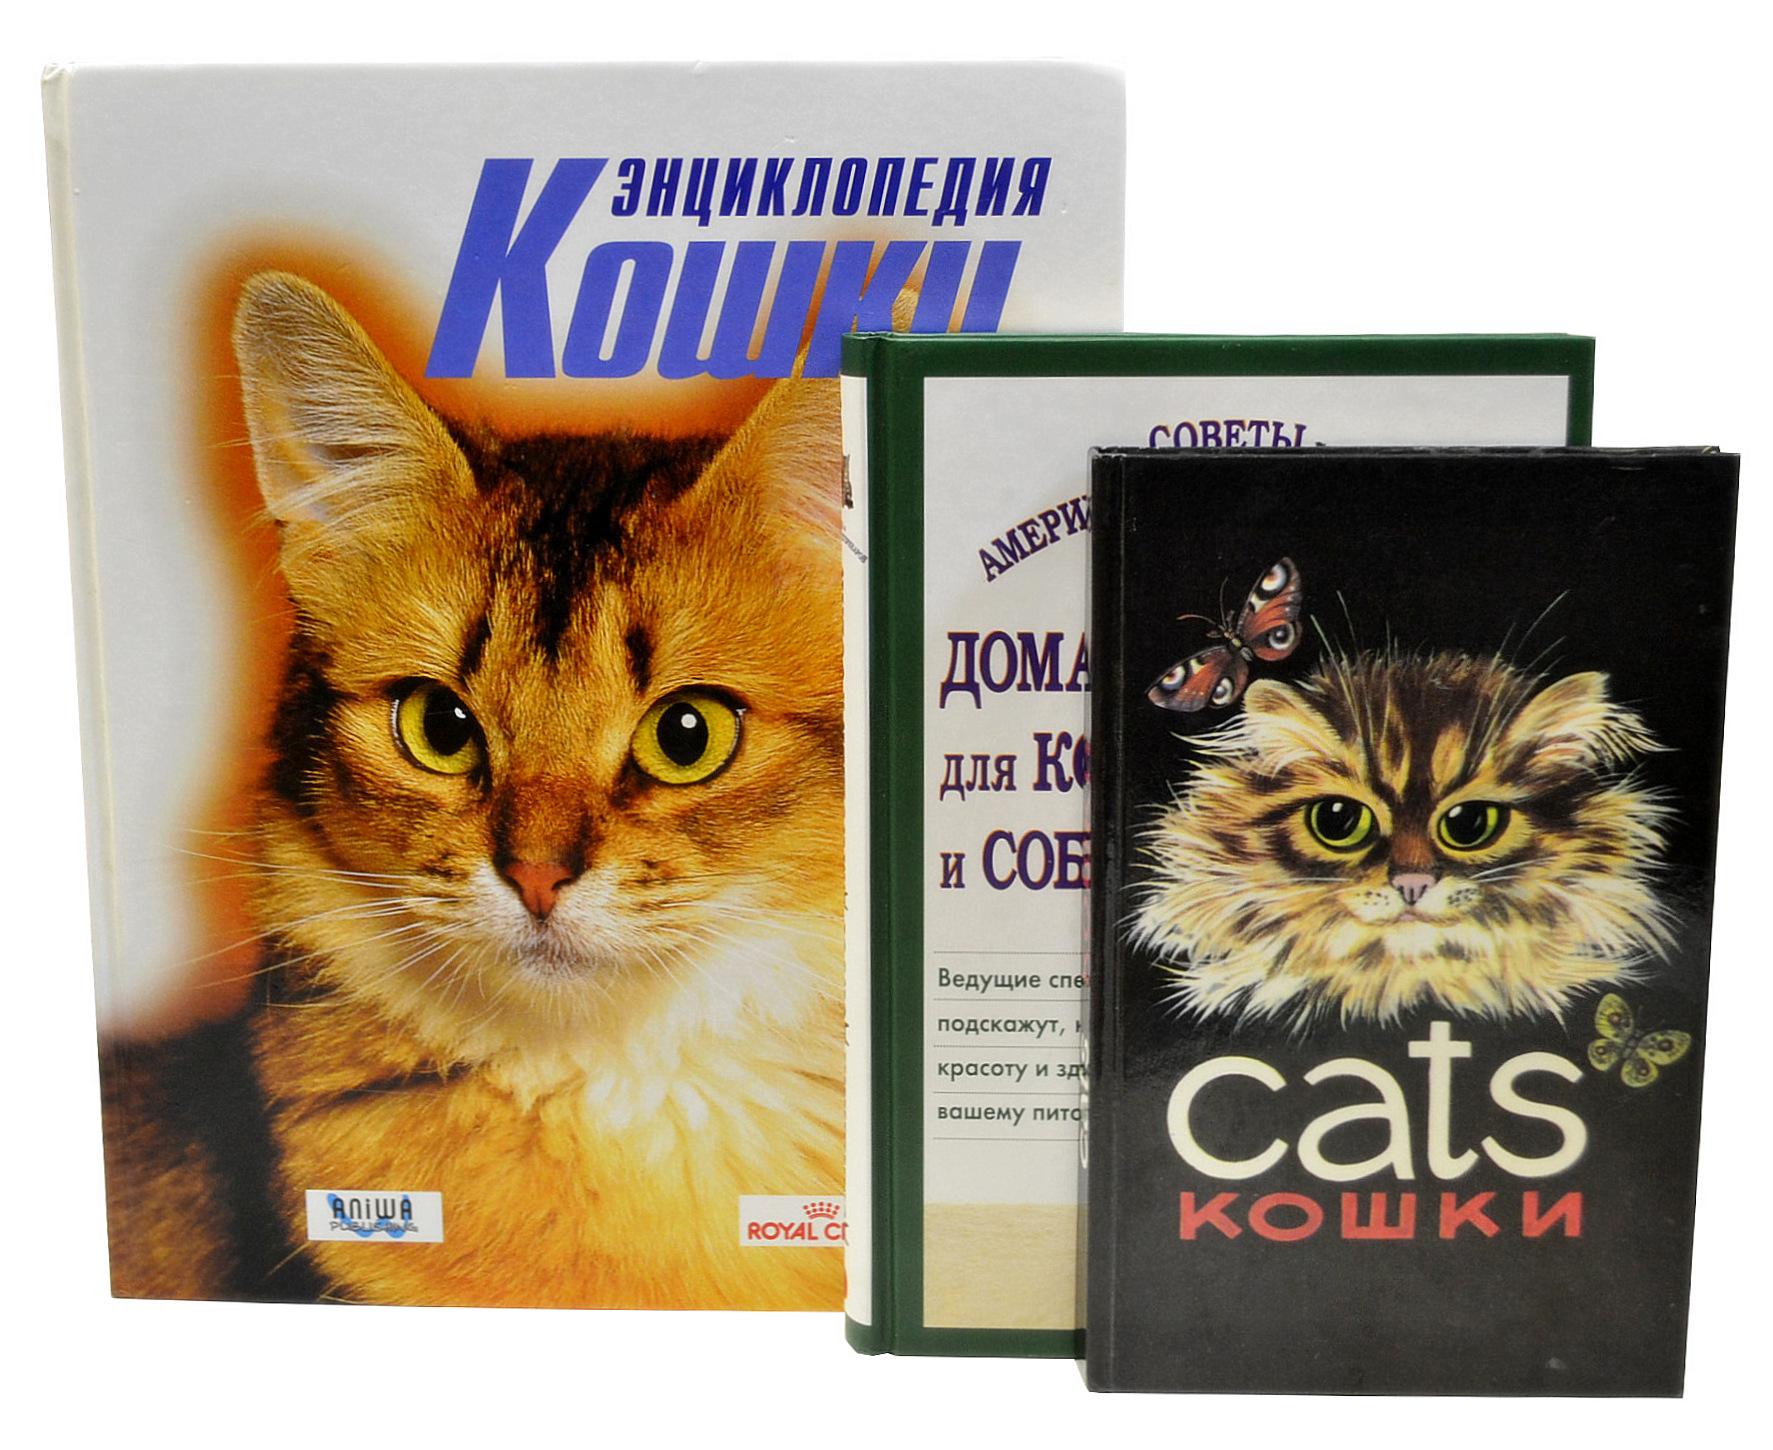 Серия Кошки и собаки (комплект из 10 книг + книга Почему моя собака делает это?! Почему моя кошка делает это?! в подарок!) серия кошки и собаки комплект из 10 книг книга почему моя собака делает это почему моя кошка делает это в подарок